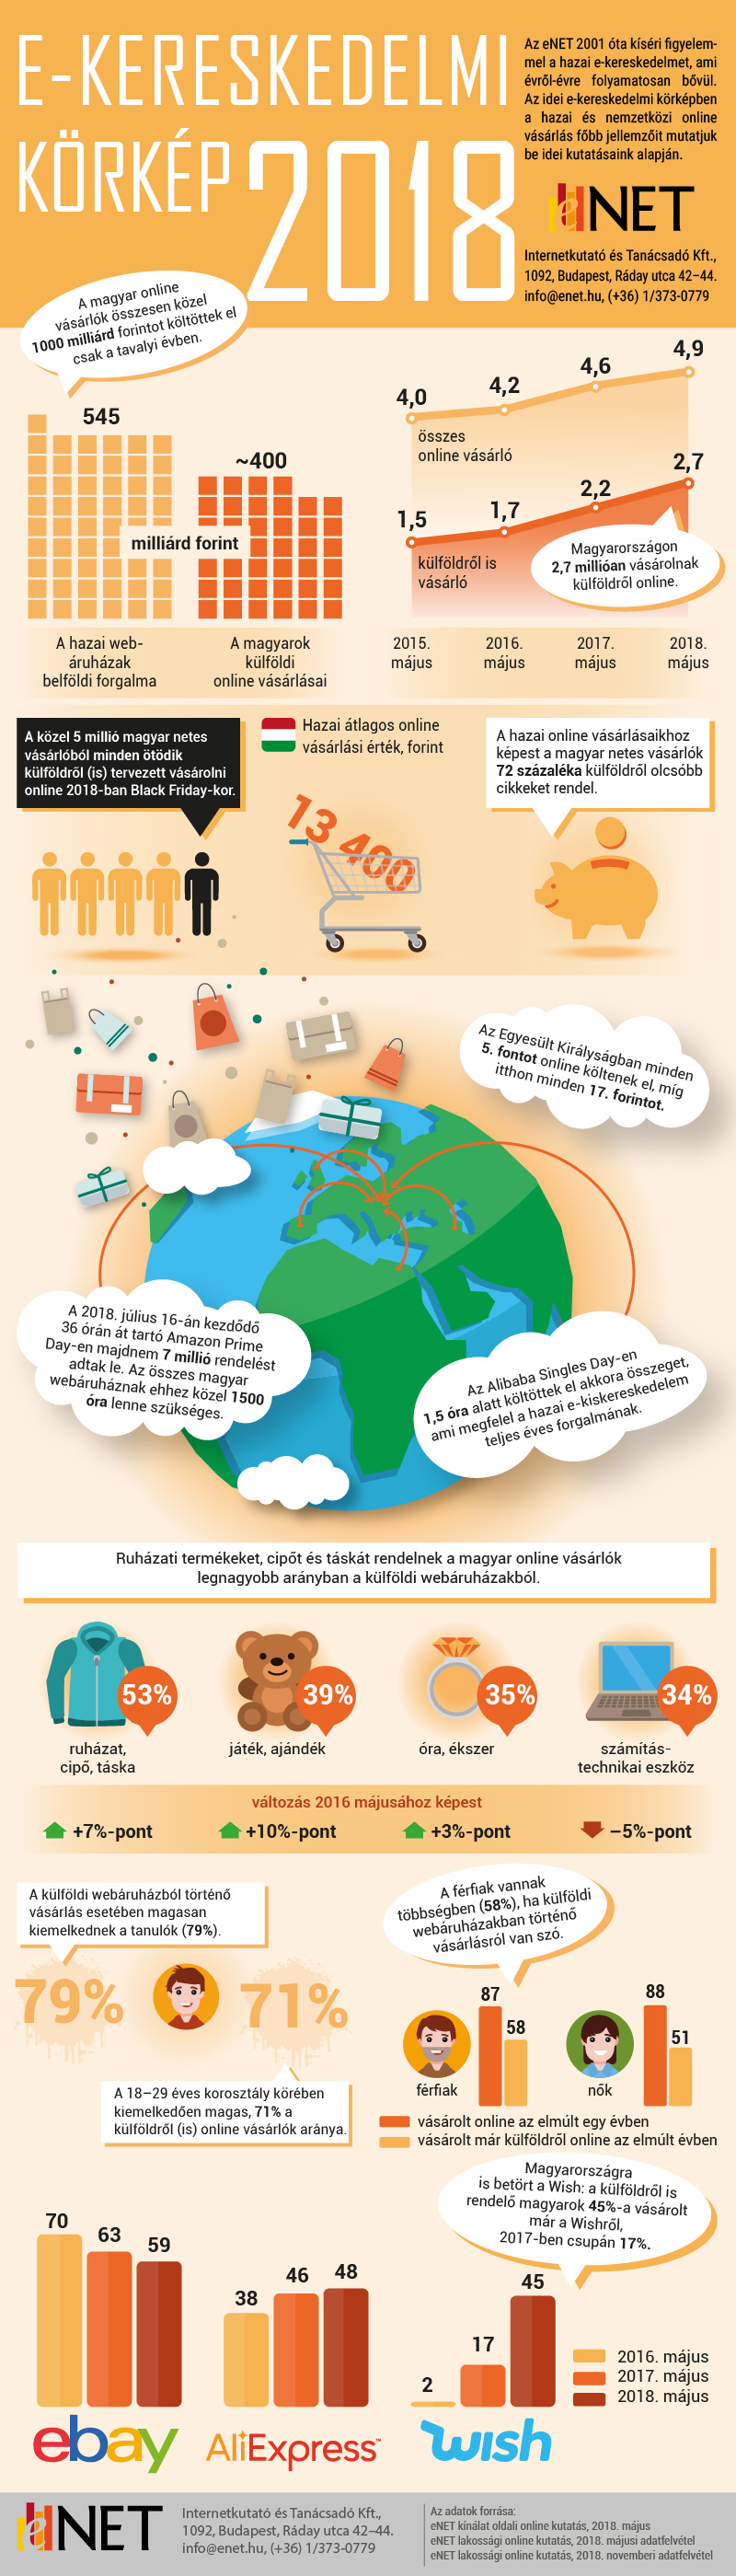 E-kereskedelmi Körkép 2018: online vásárlás külföldről